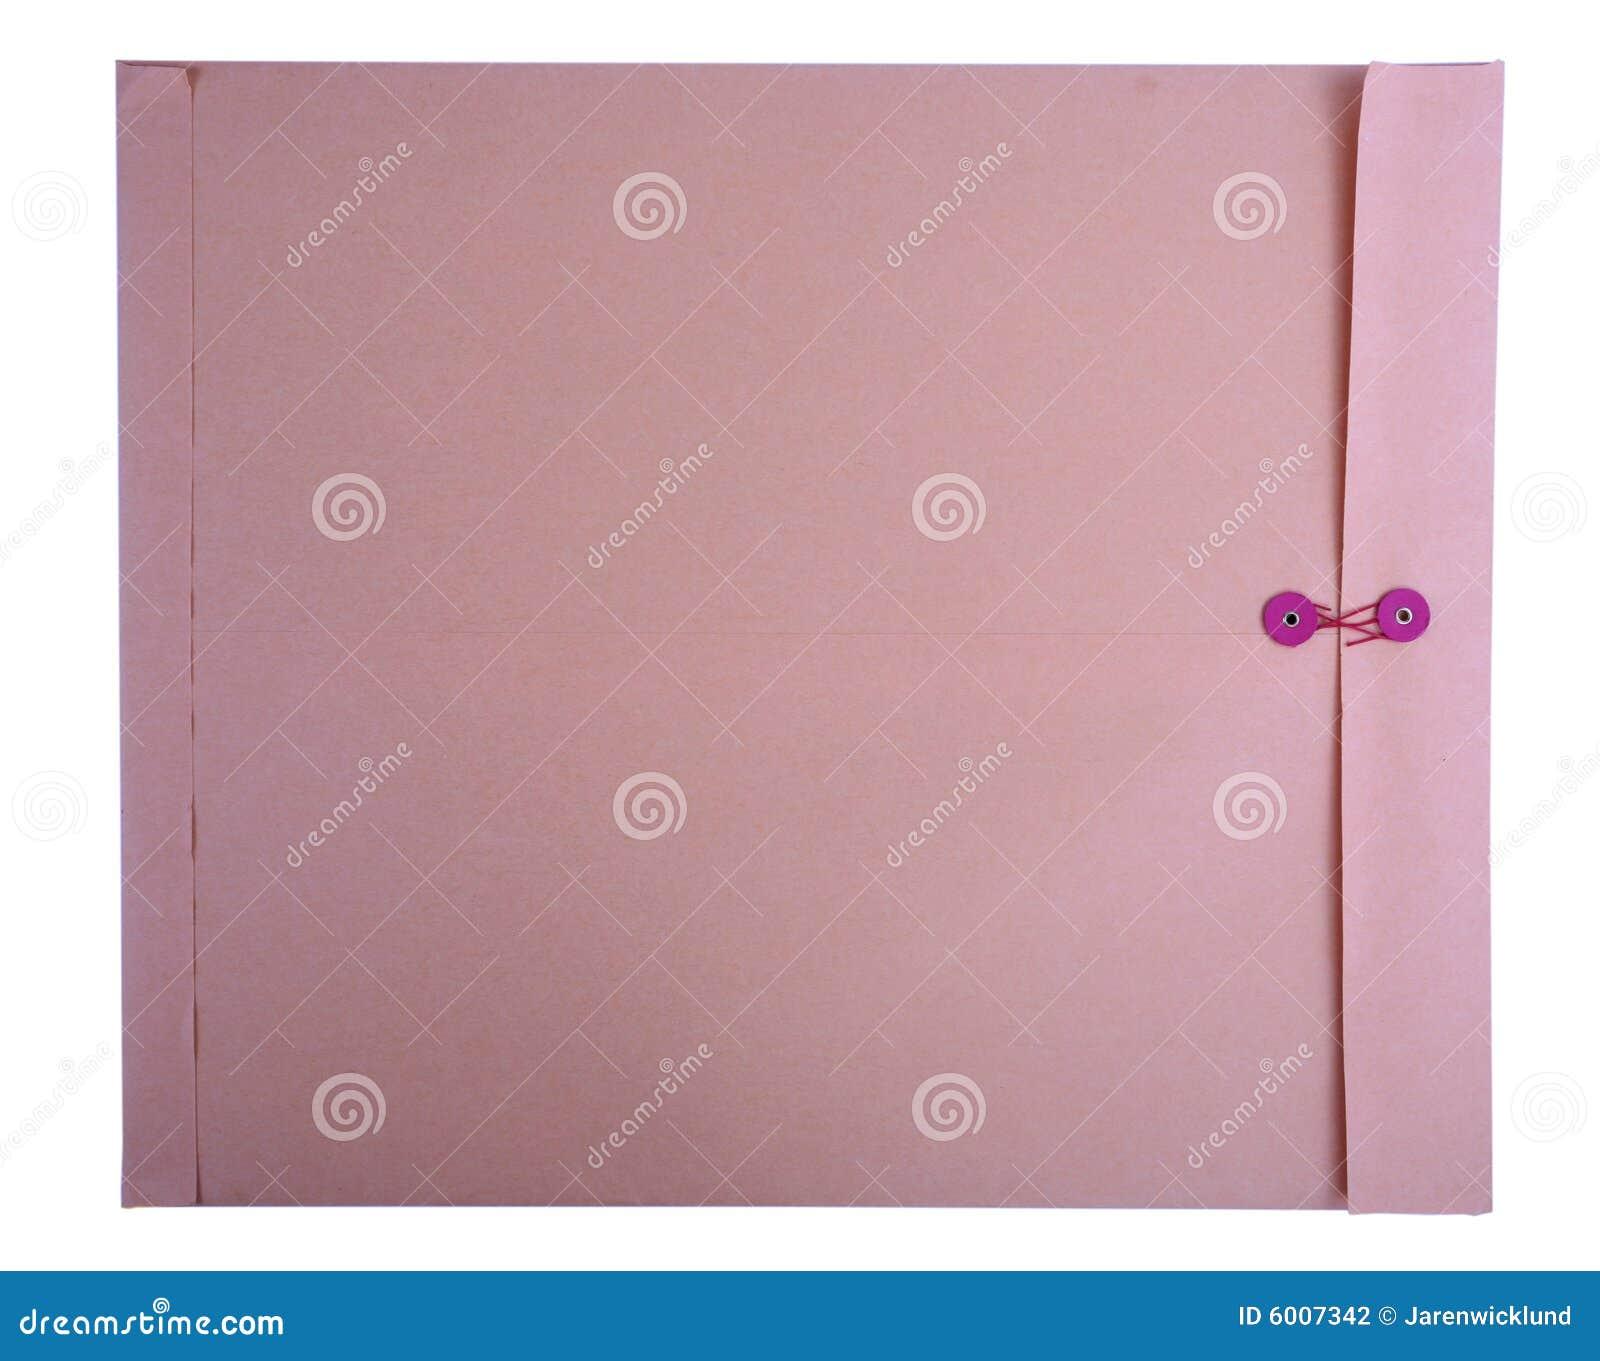 how to write on a manila envelope